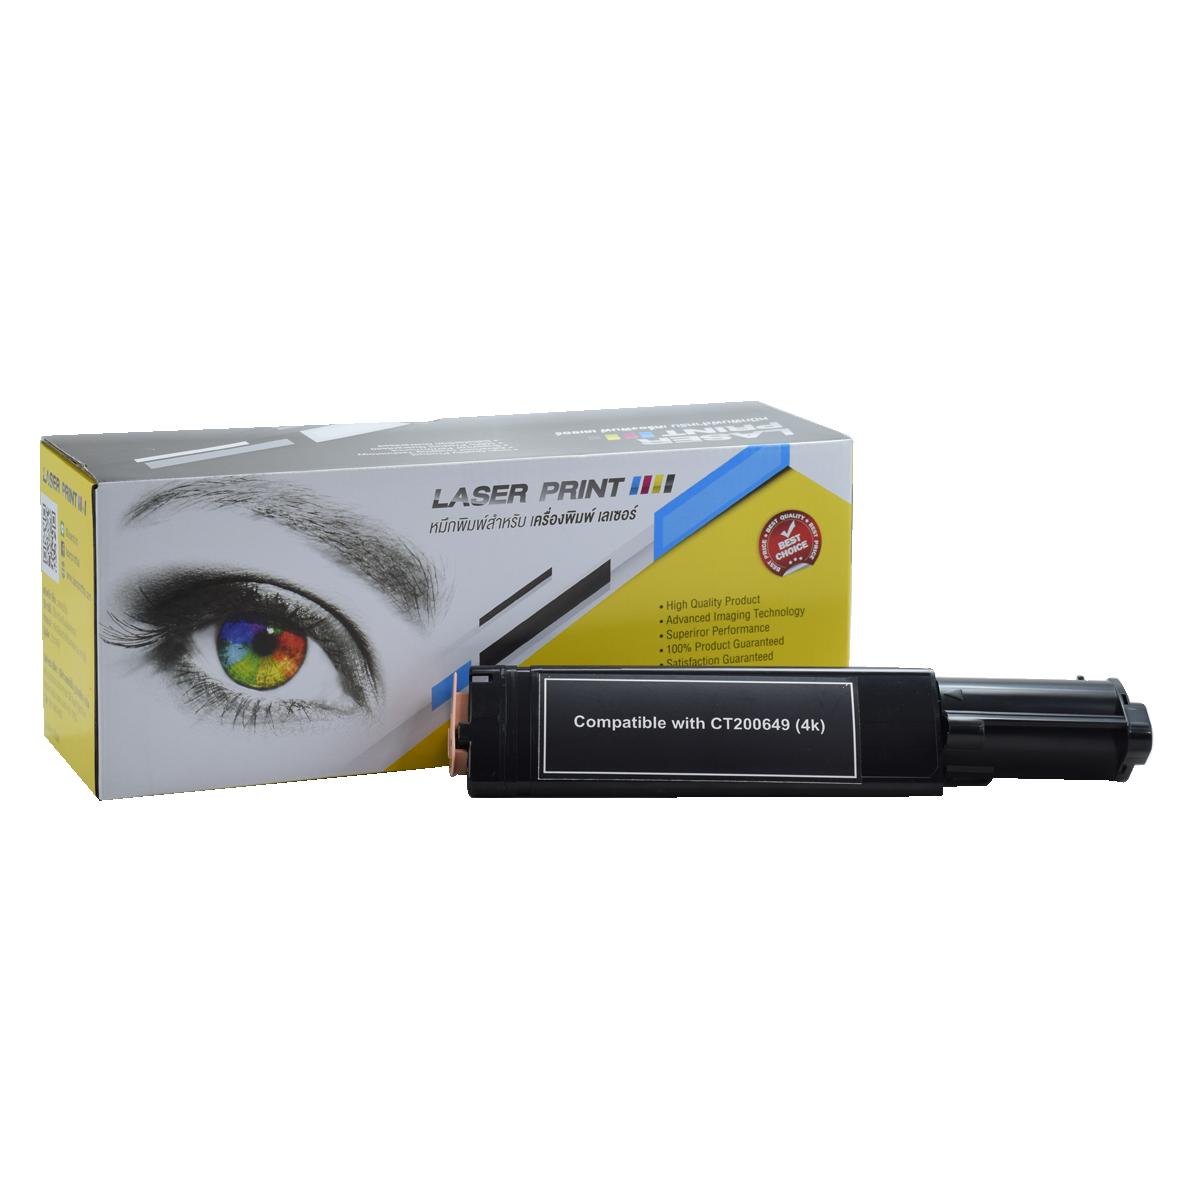 CT200649 (4k) Laserprint Fuji Xerox Black